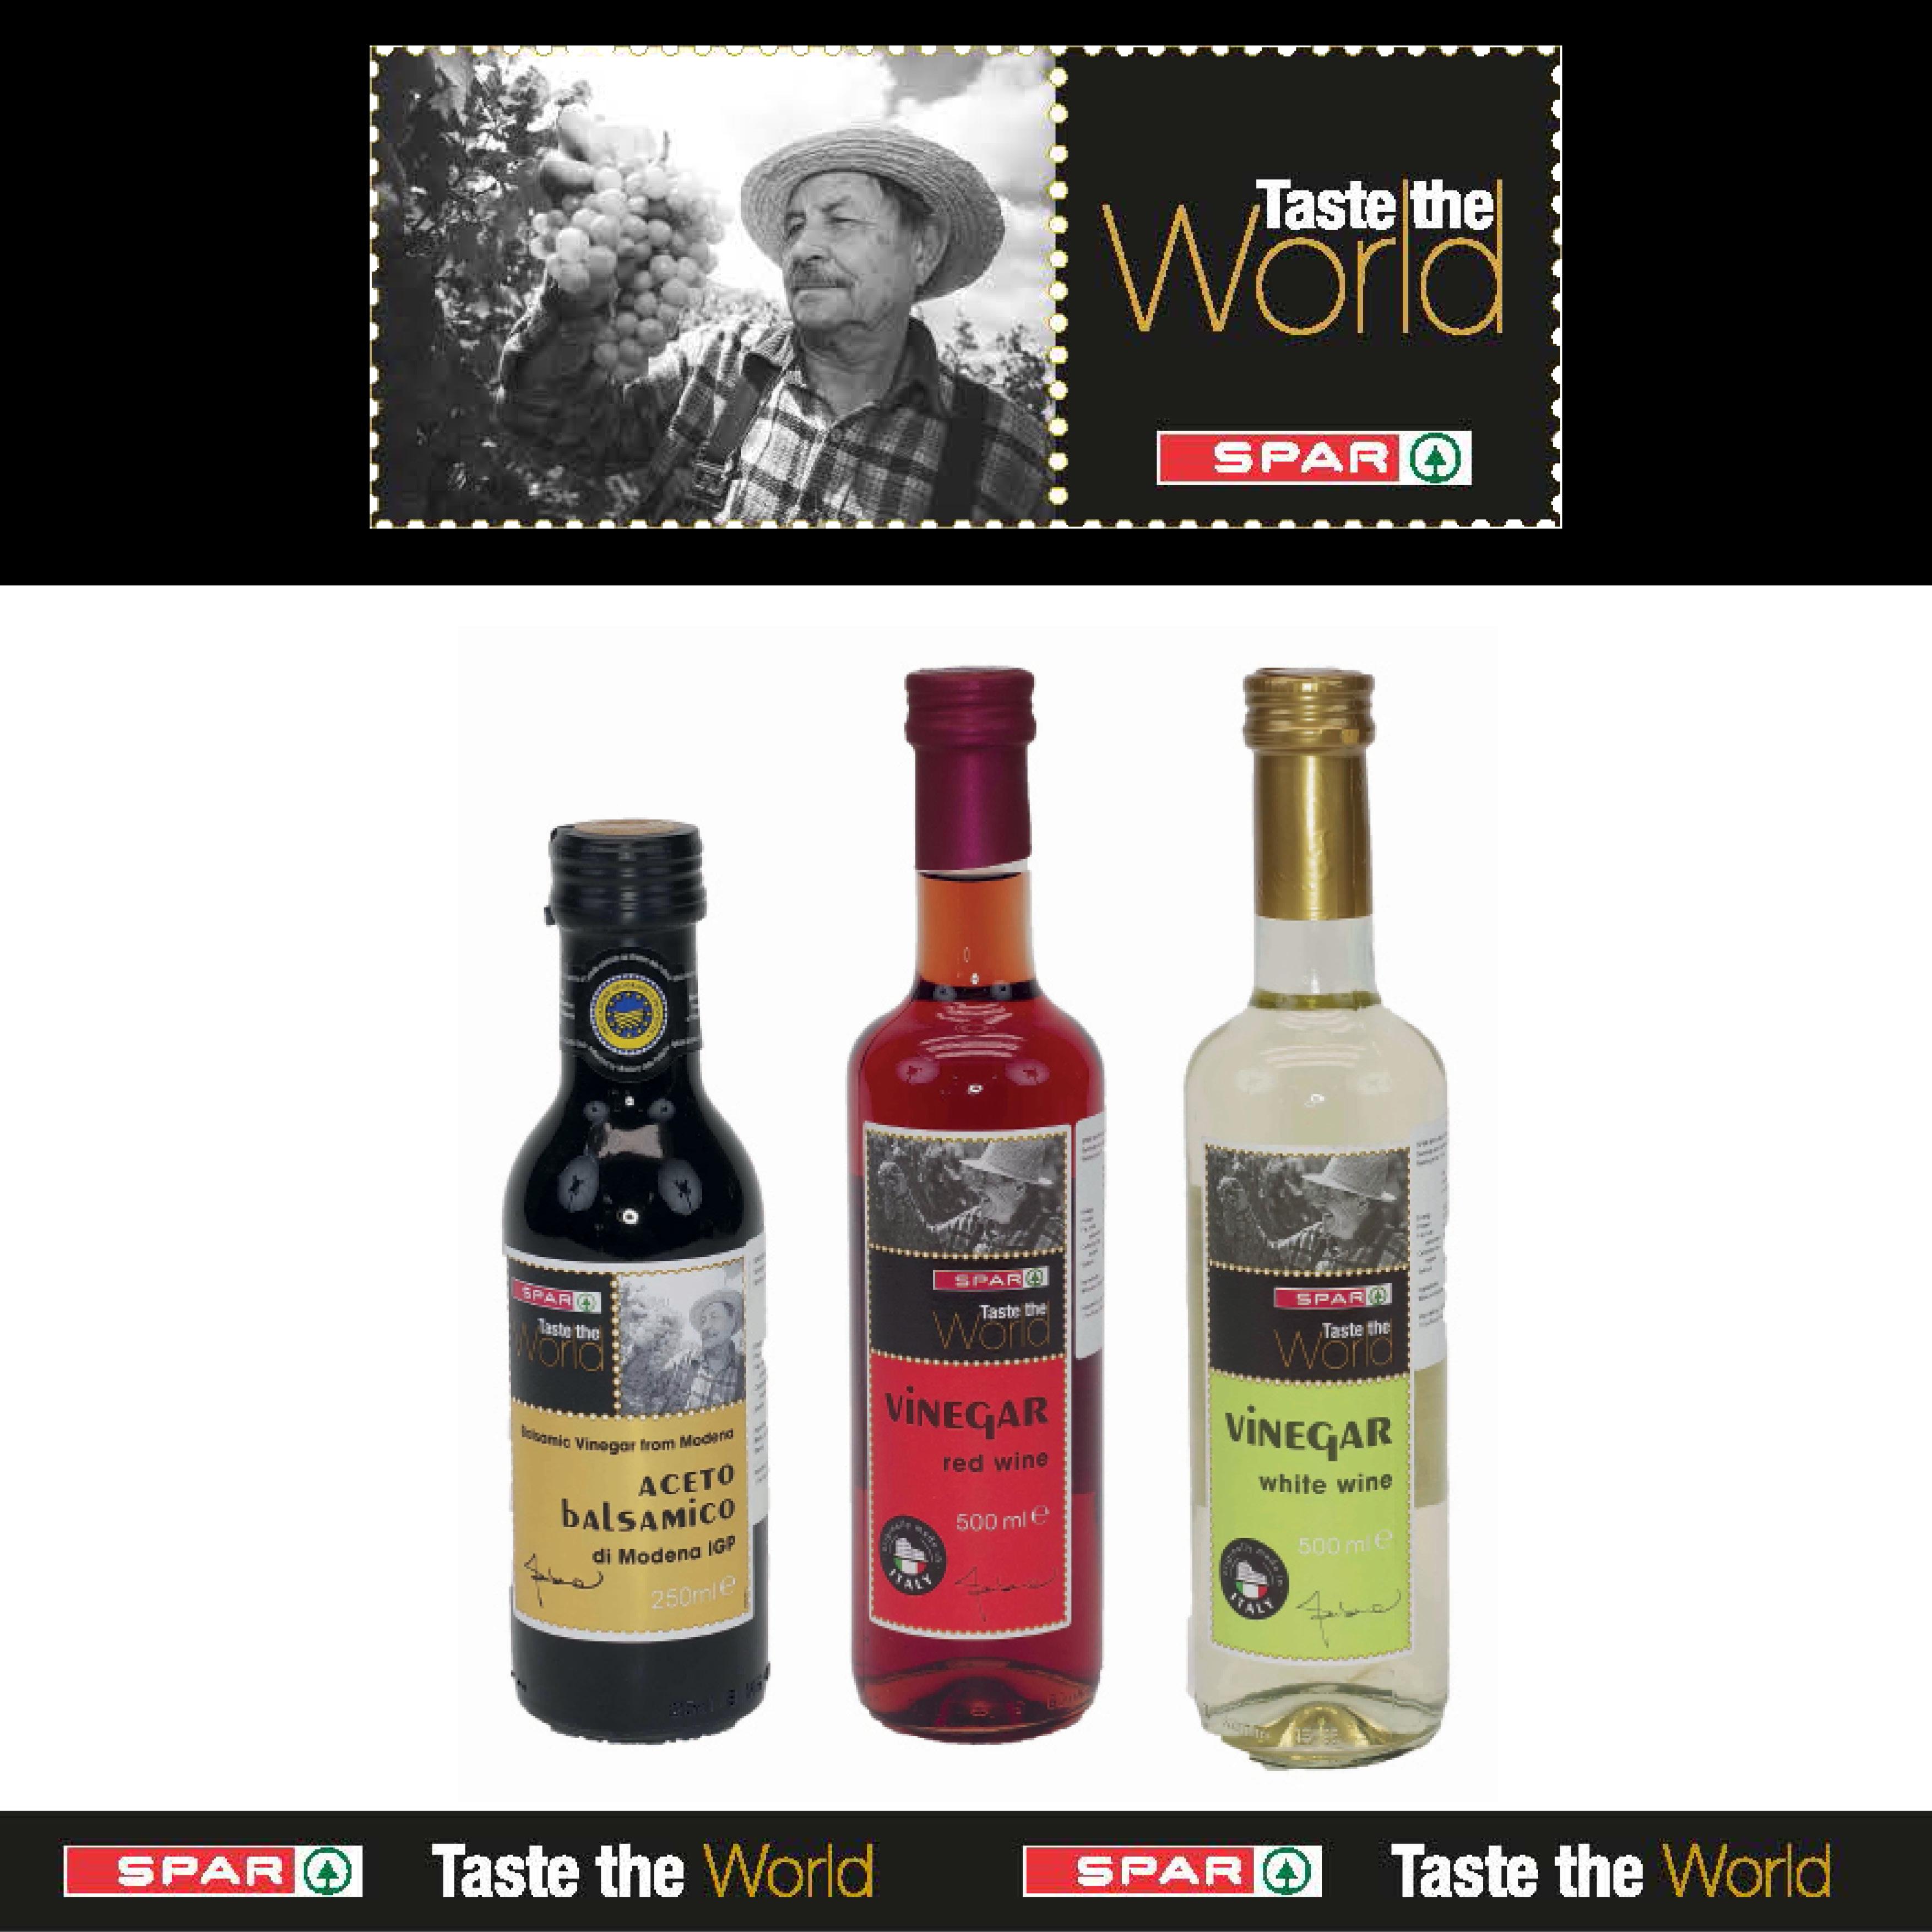 SPAR Taste The World Vinegar